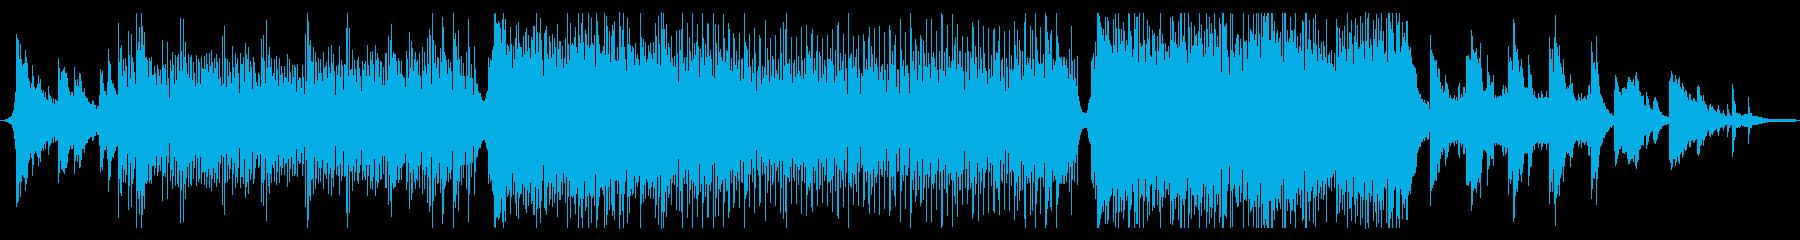 爽やかで、少し壮大な曲_アコギ生演奏の再生済みの波形